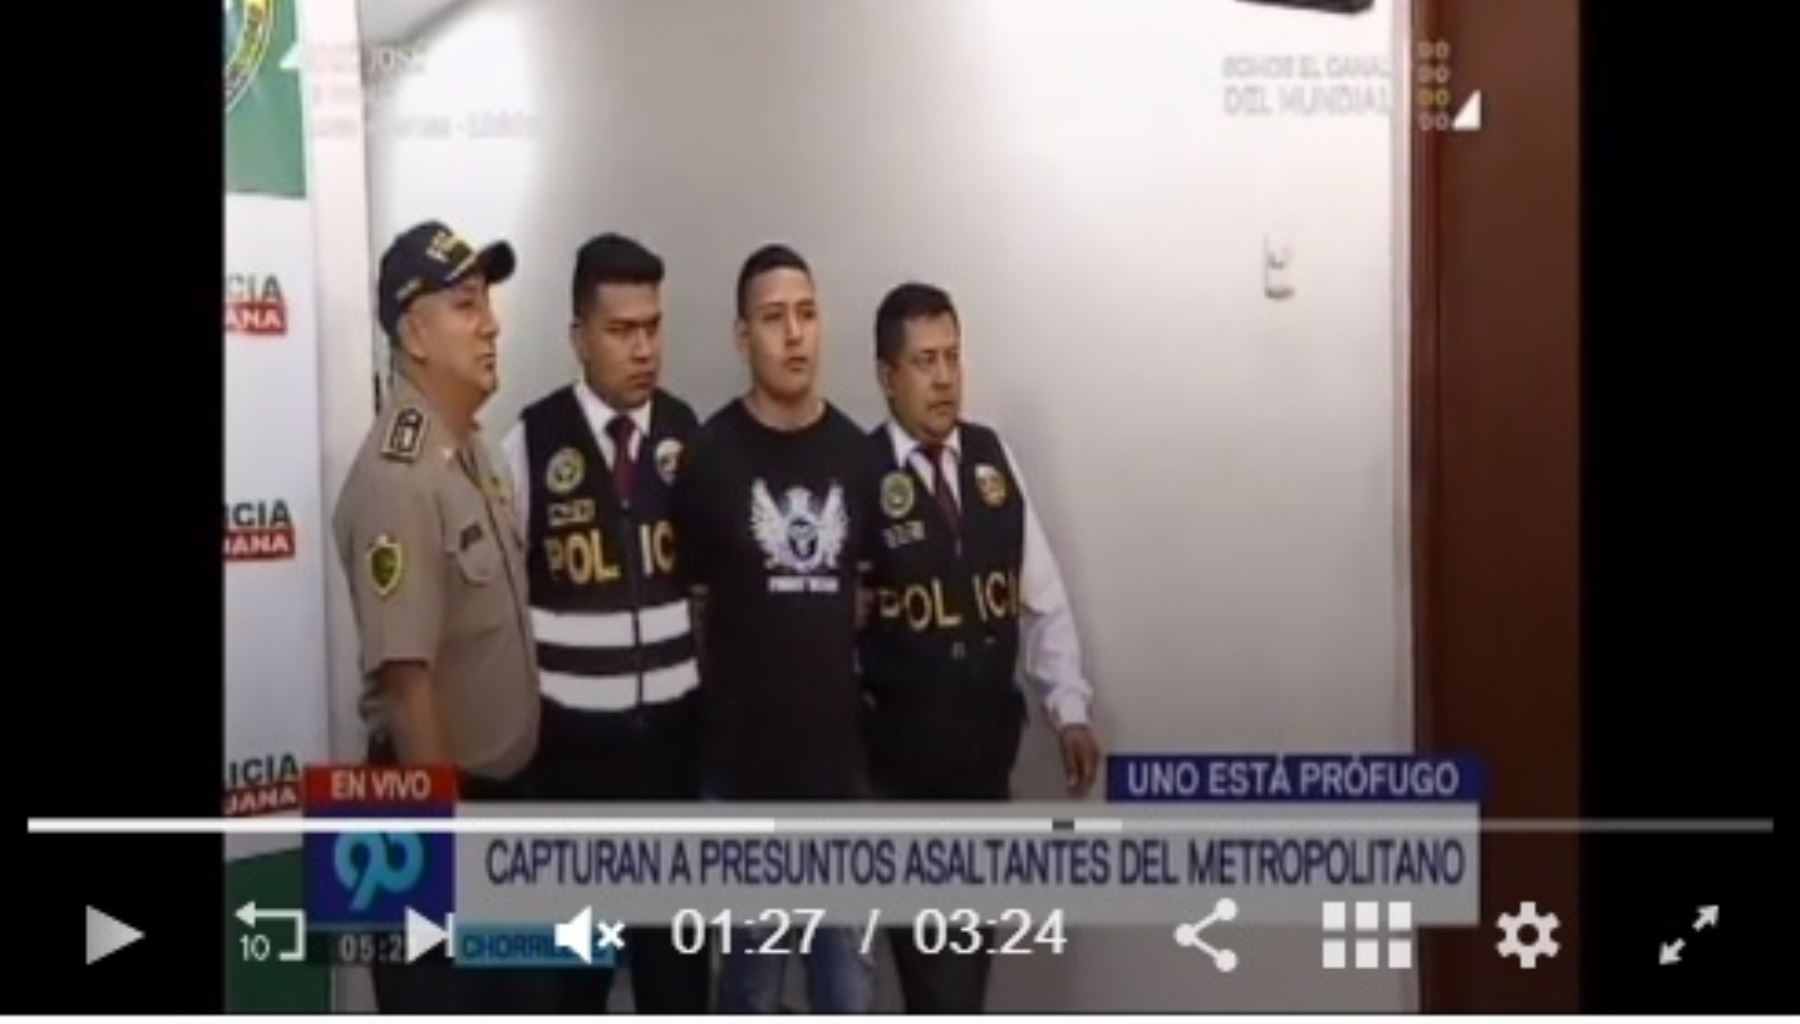 Asalto en el Metropolitano: capturaron a uno de los delincuentes